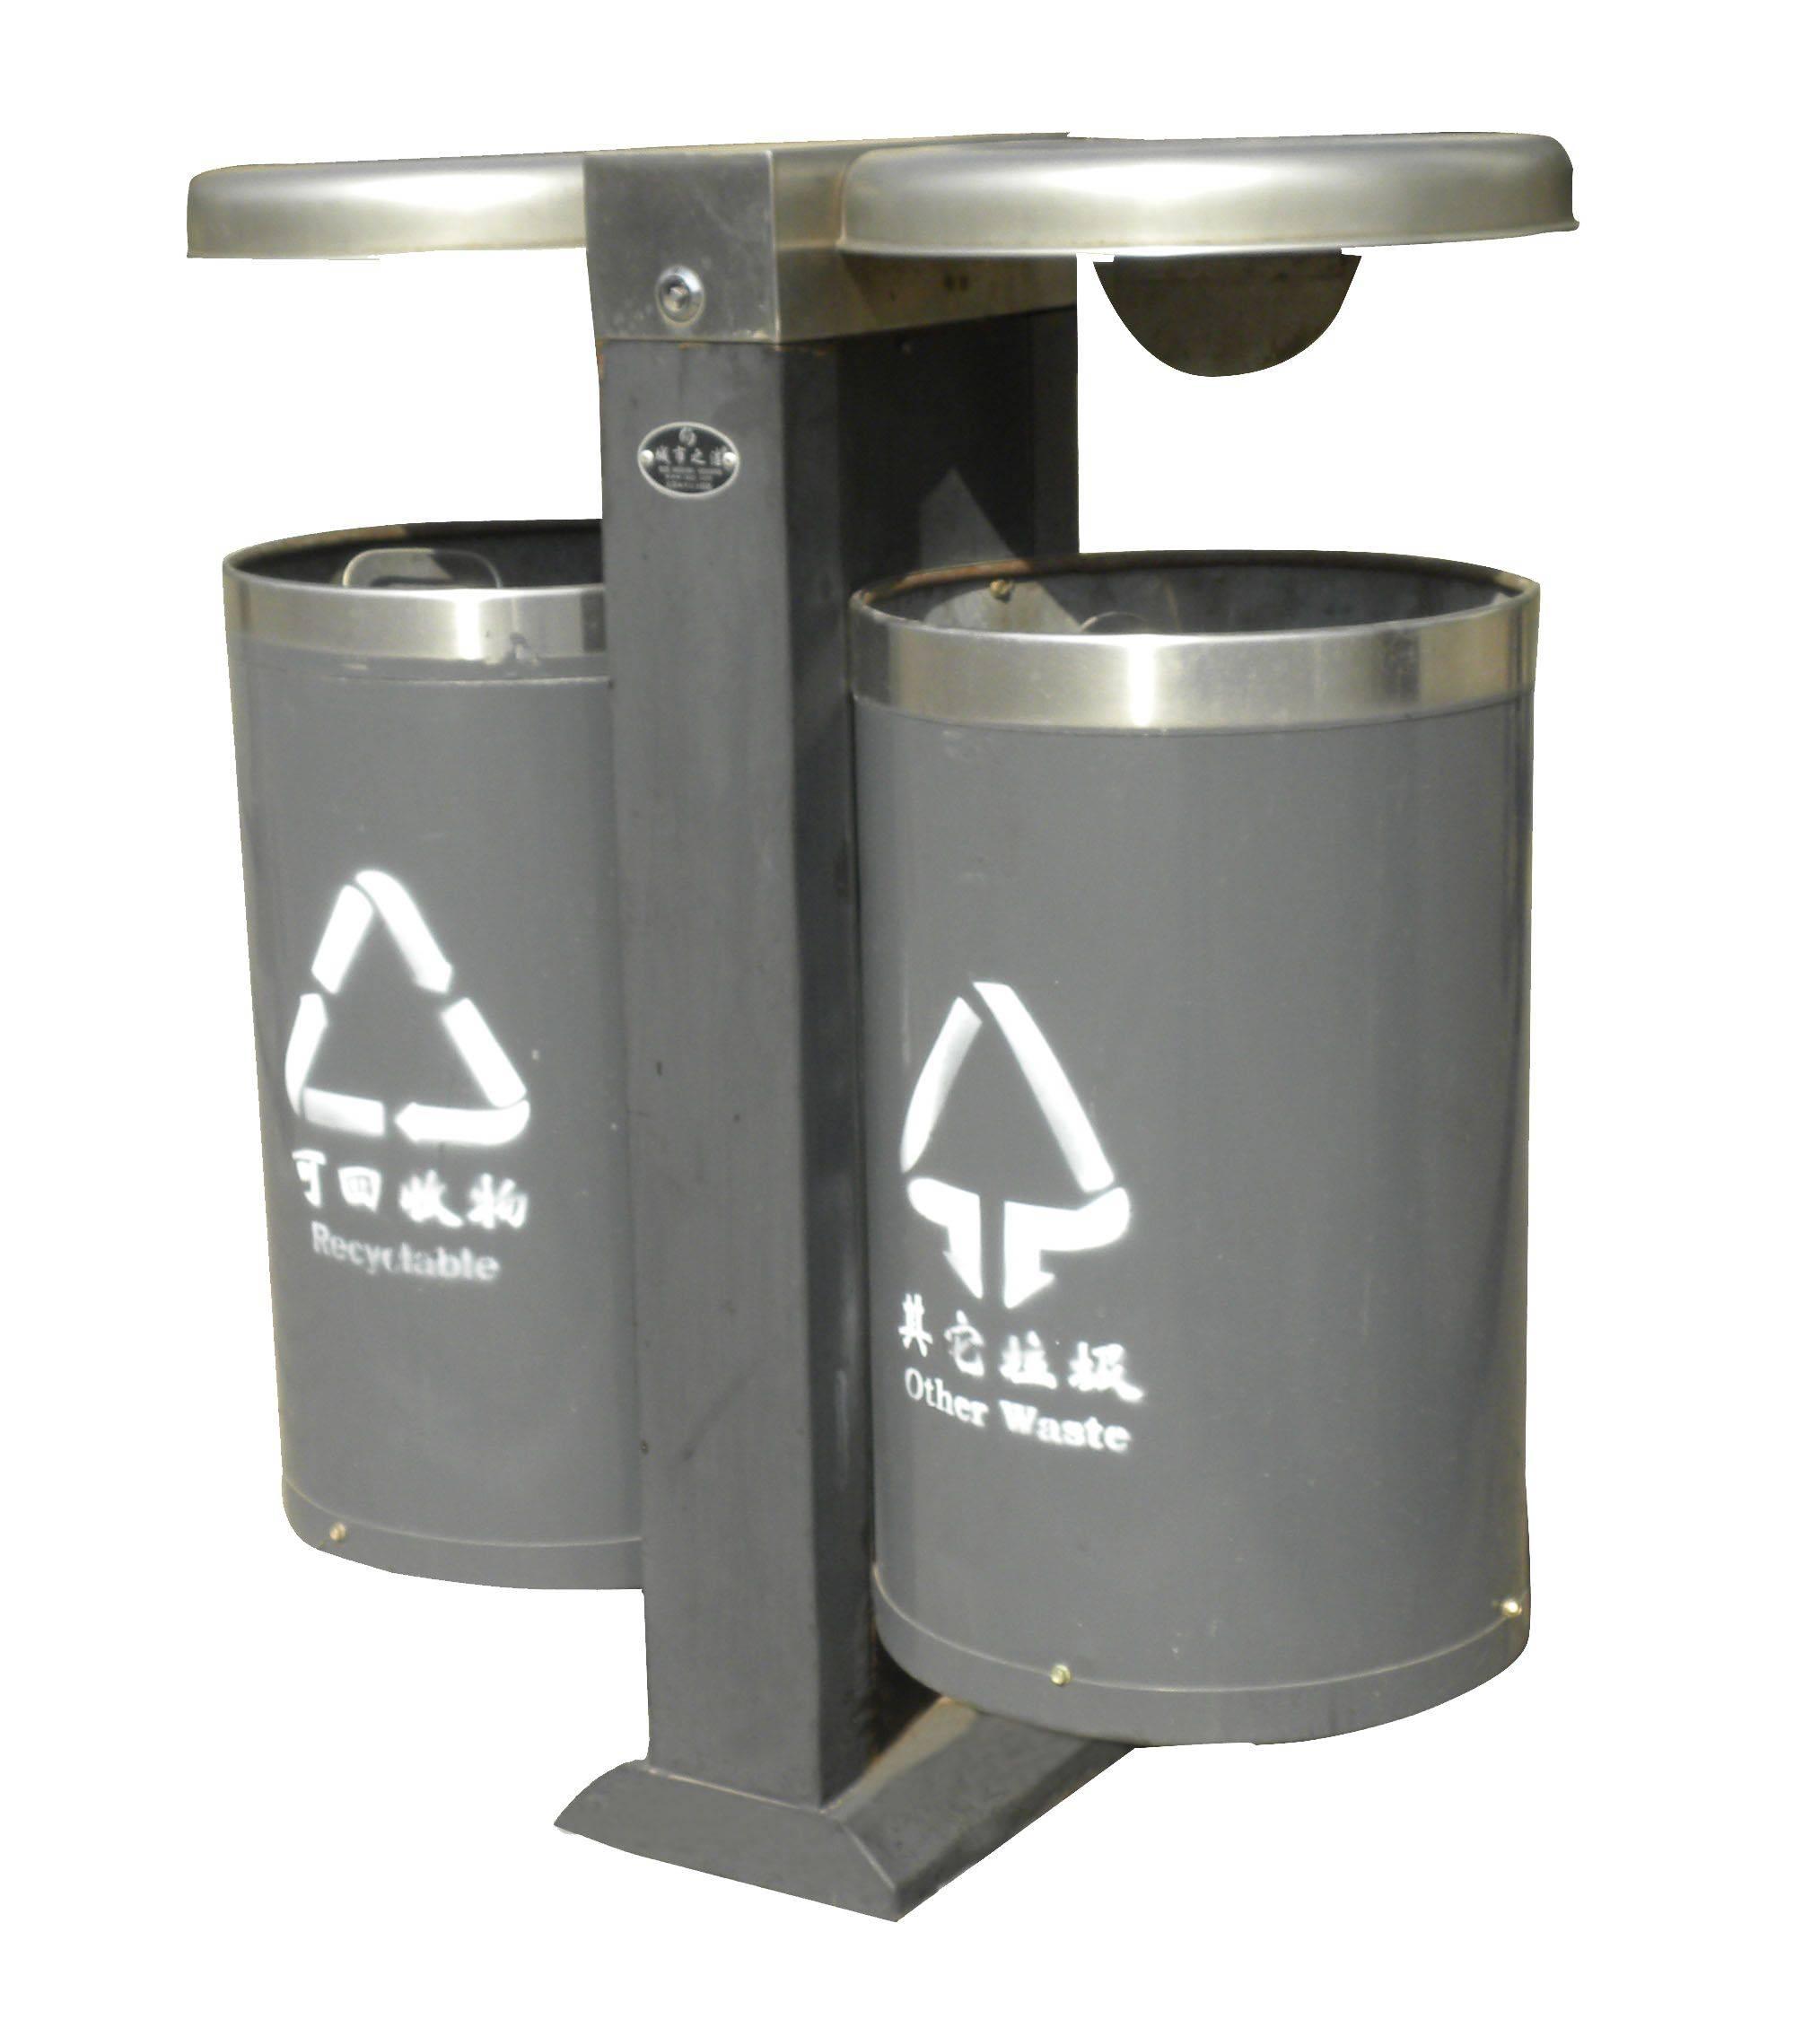 钢板喷塑垃圾桶 - 产品库